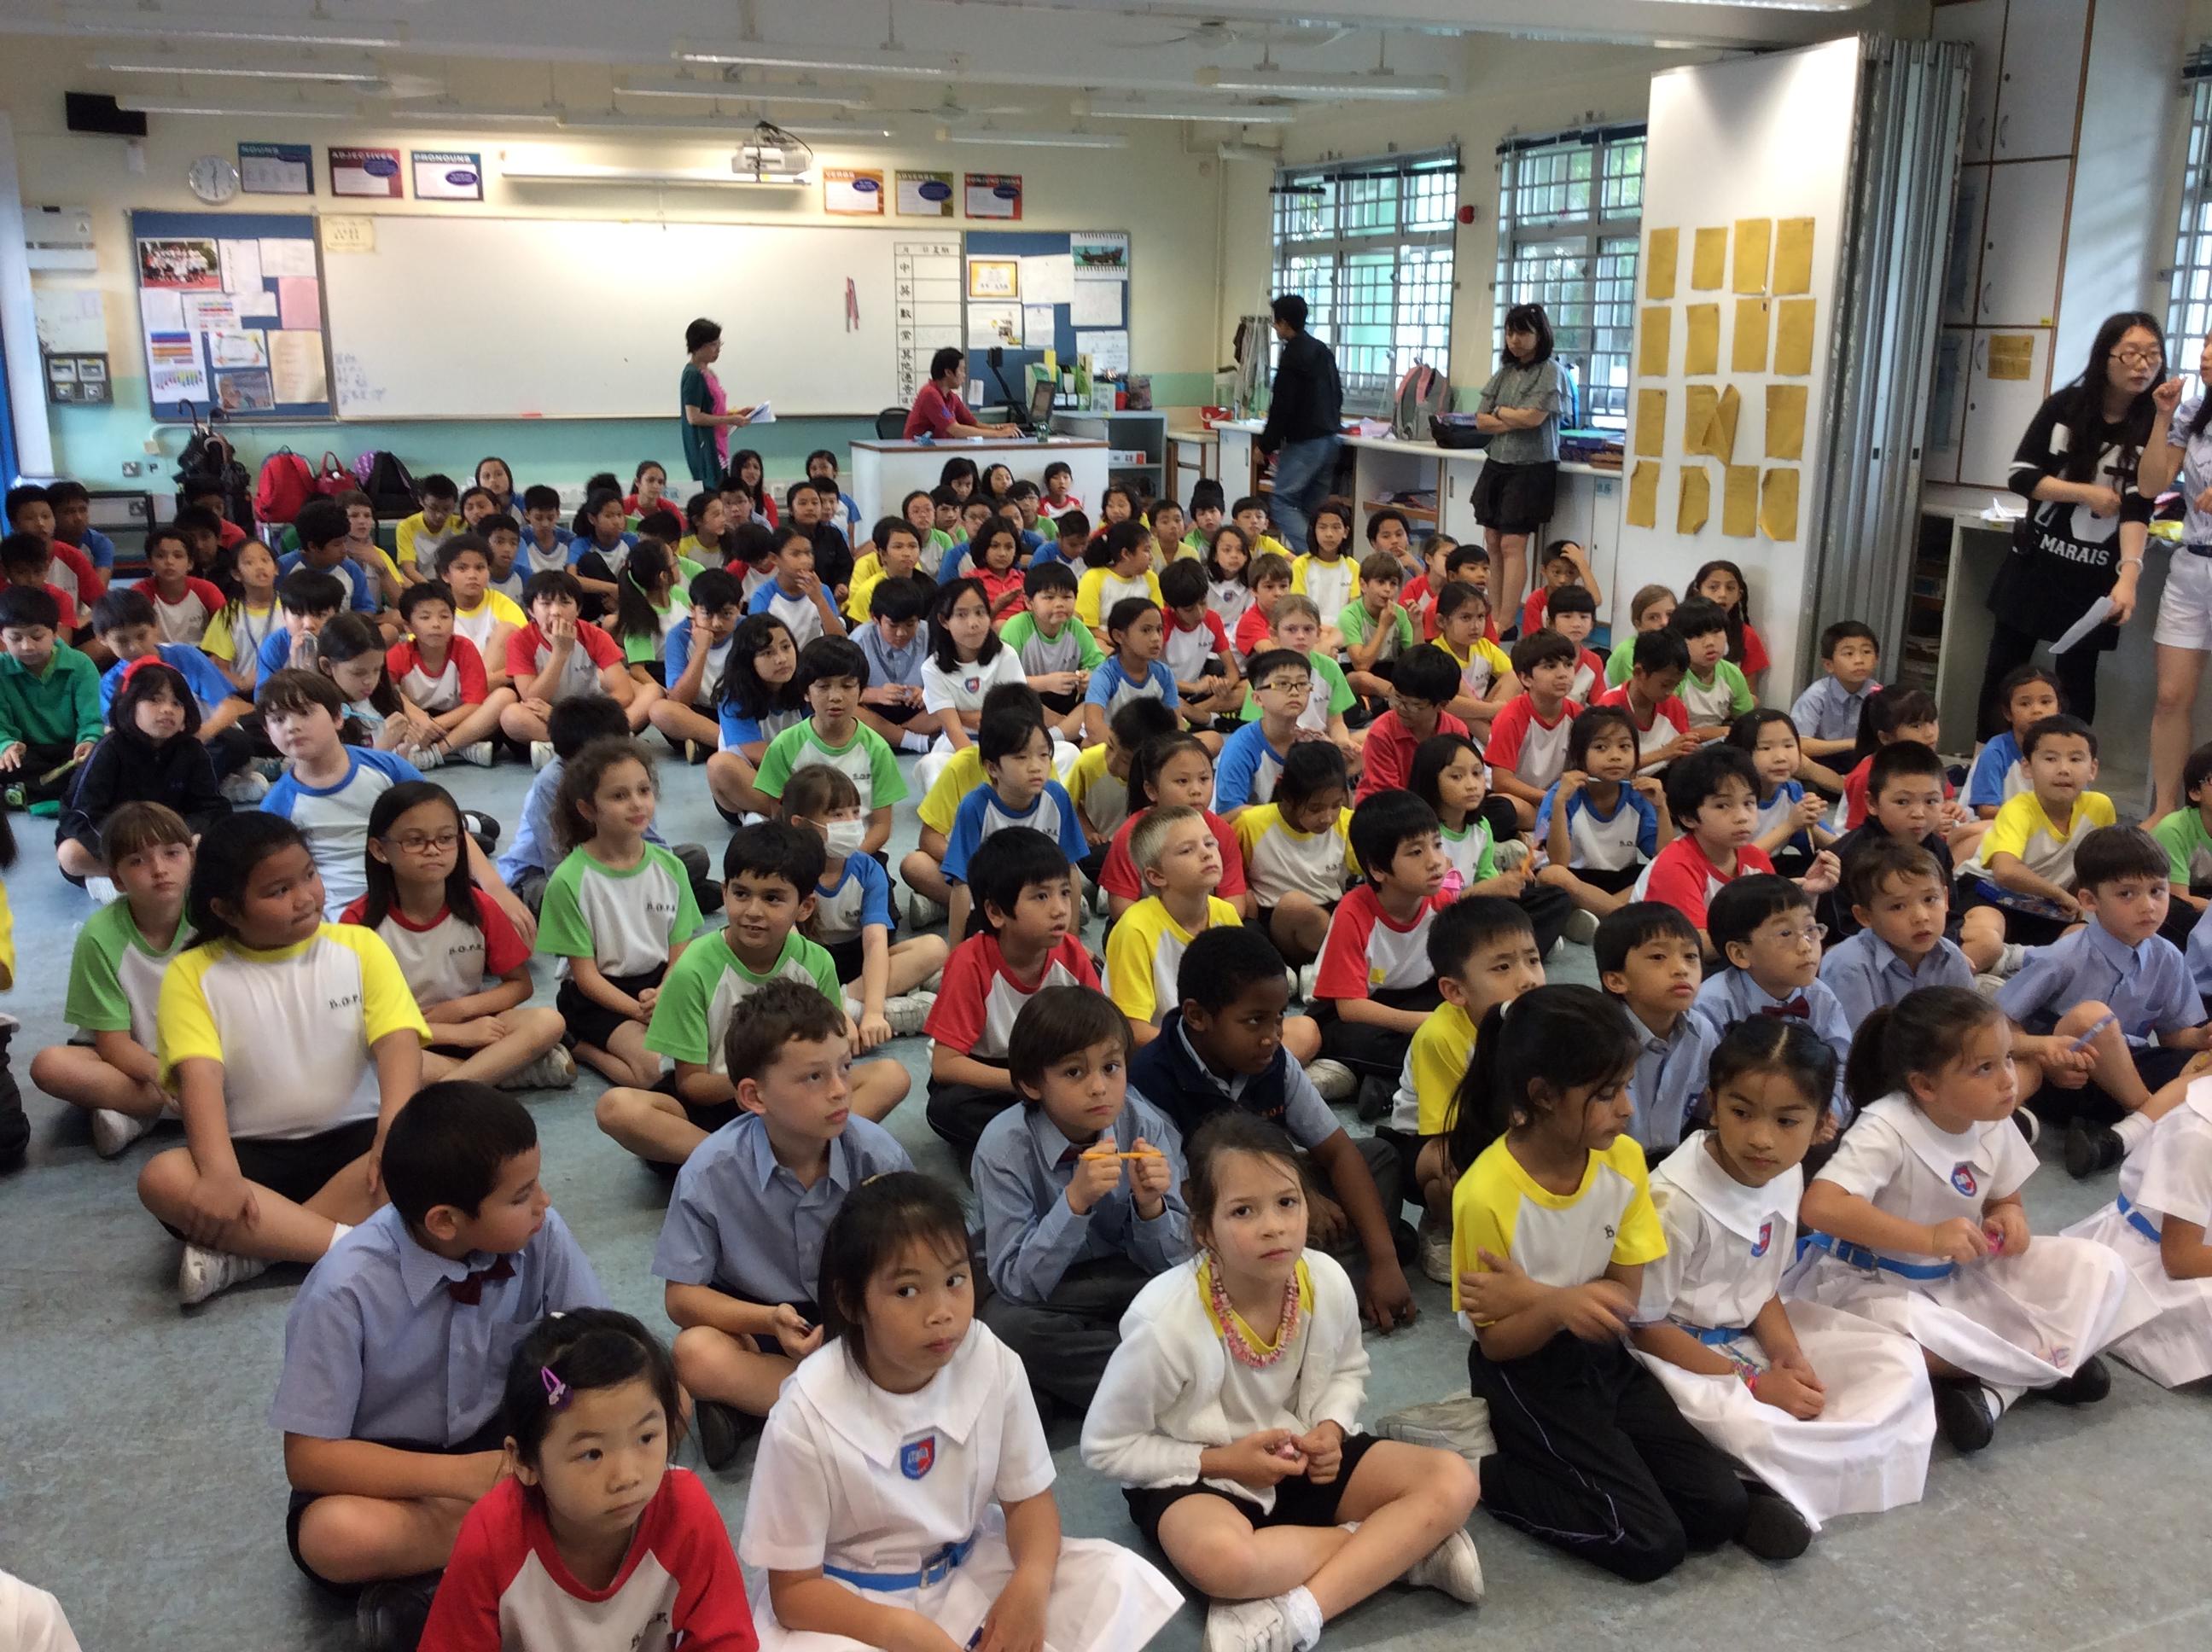 杯澳公立學校音樂日! Bui O Public School Music Day! – Musikschule Program Hong Kong